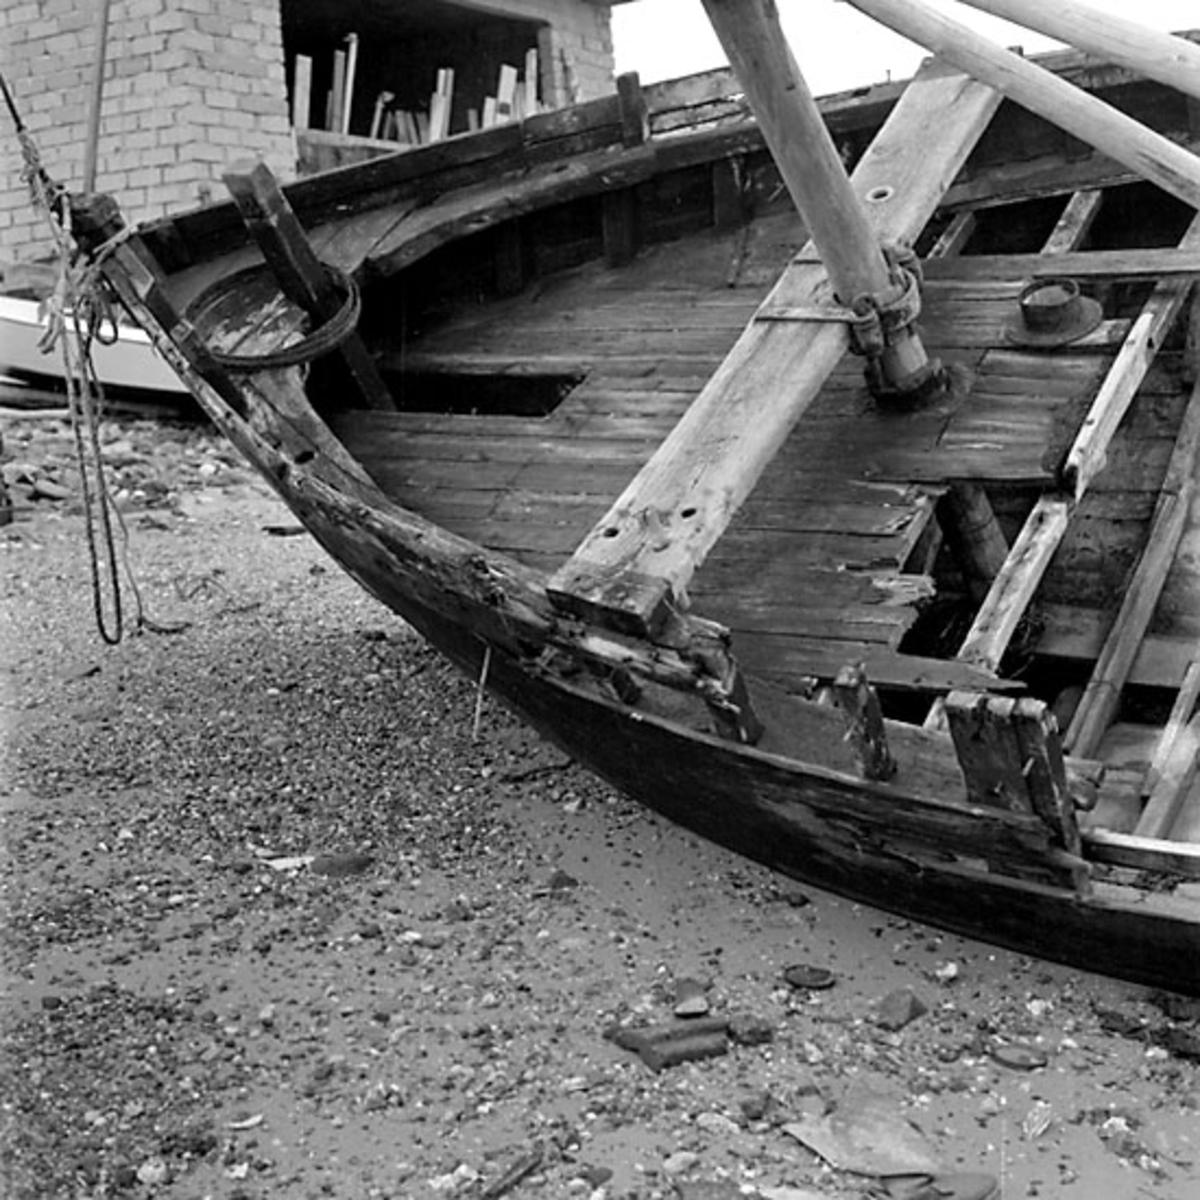 11. Frankrike. Fotojournal finns på B.M.A. + fotoalbum. Samtidigt förvärv: Böcker och arkivmaterial. Foton tagna 1959-10-17. 12 Bilder i serie.